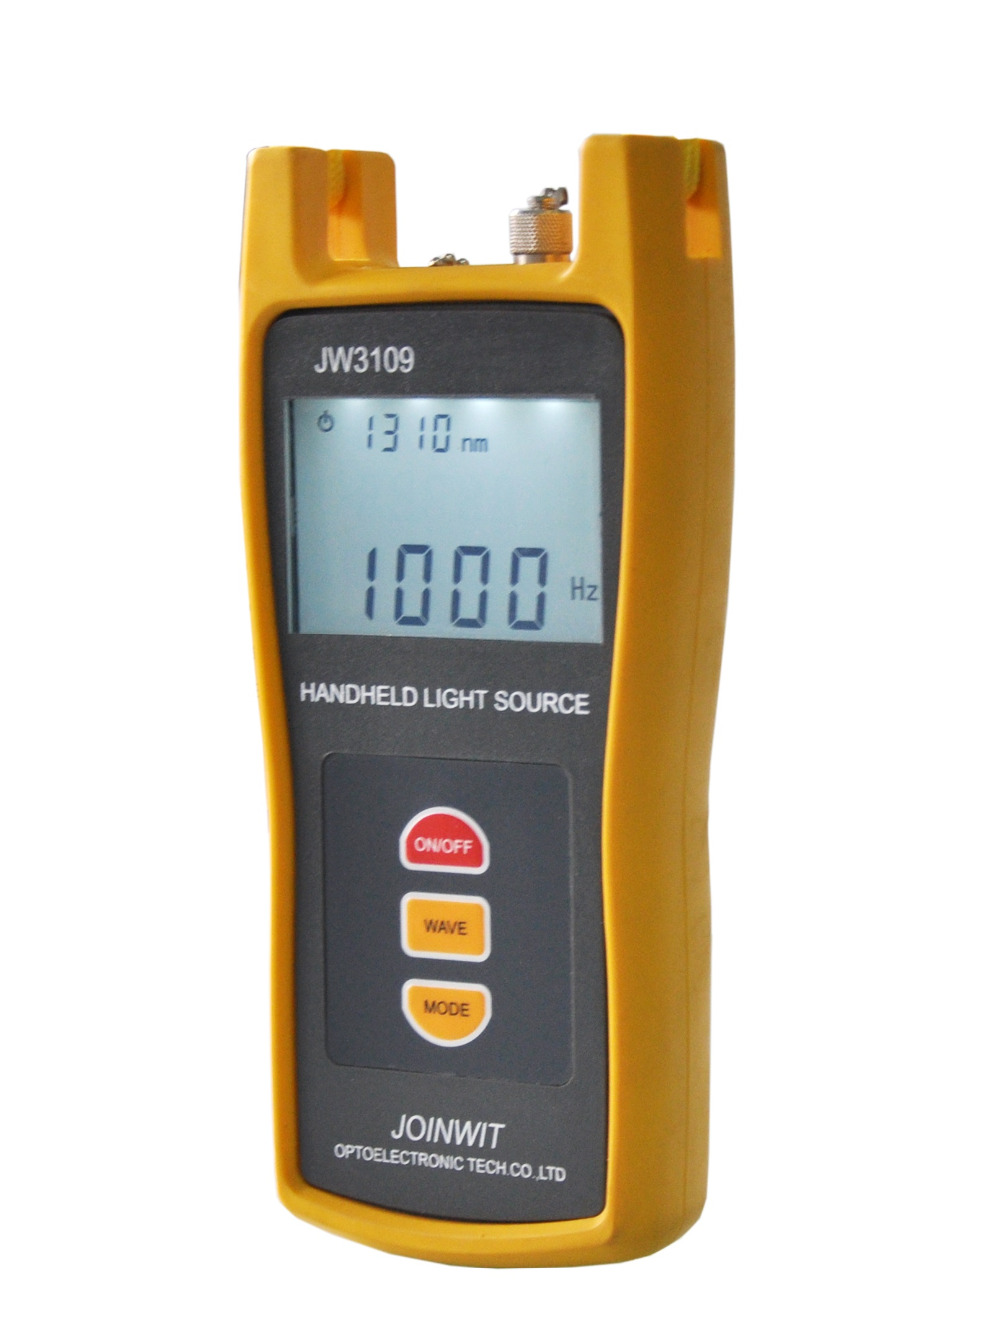 Source de lumière optique à Fiber optique JW3109 Multimode JoinWit 850/1300nm